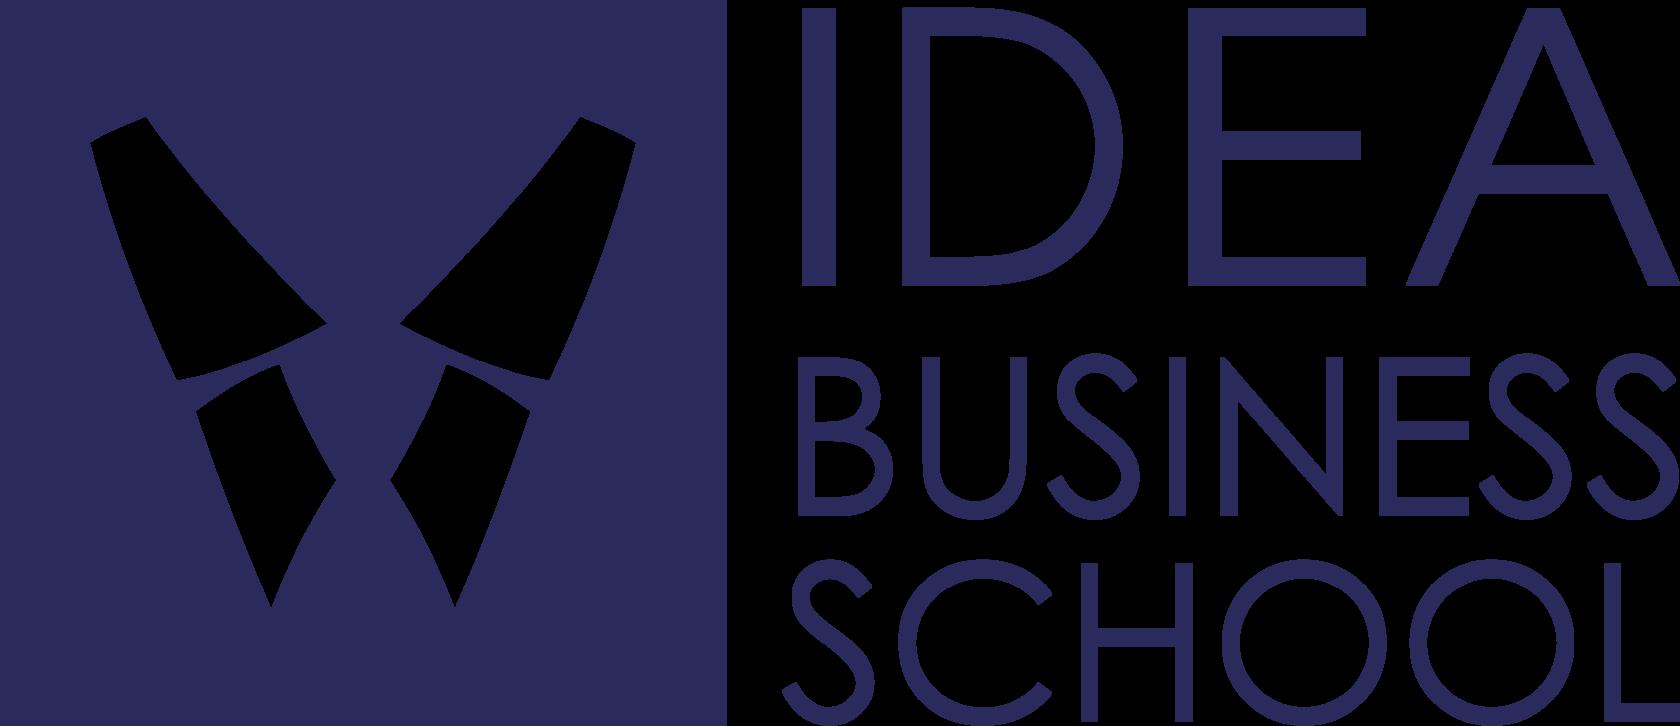 IDEA Business School